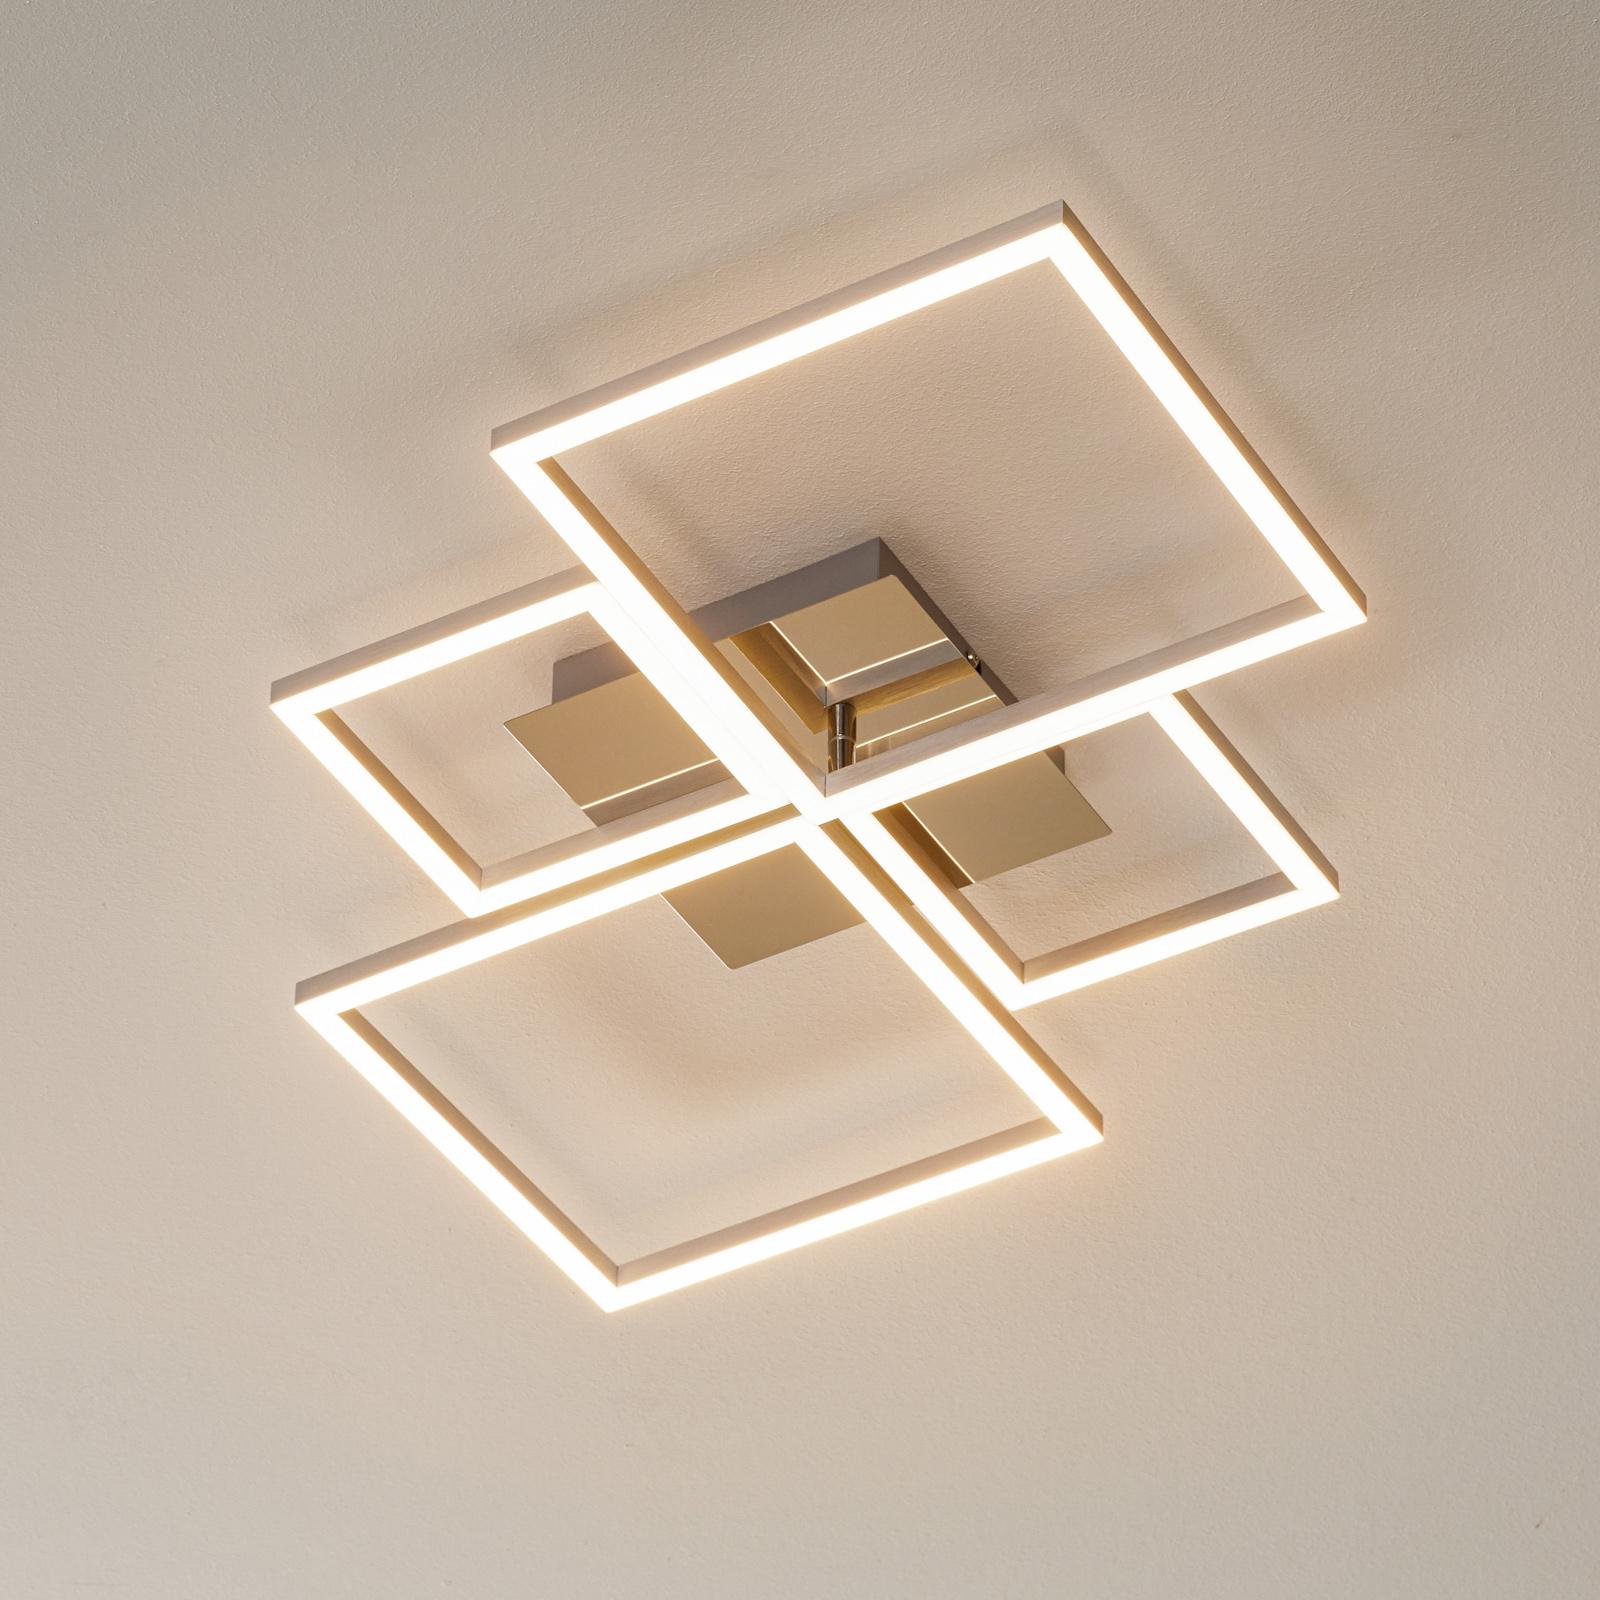 LED-Deckenlampe 3128-018 per Wandschalter dimmbar